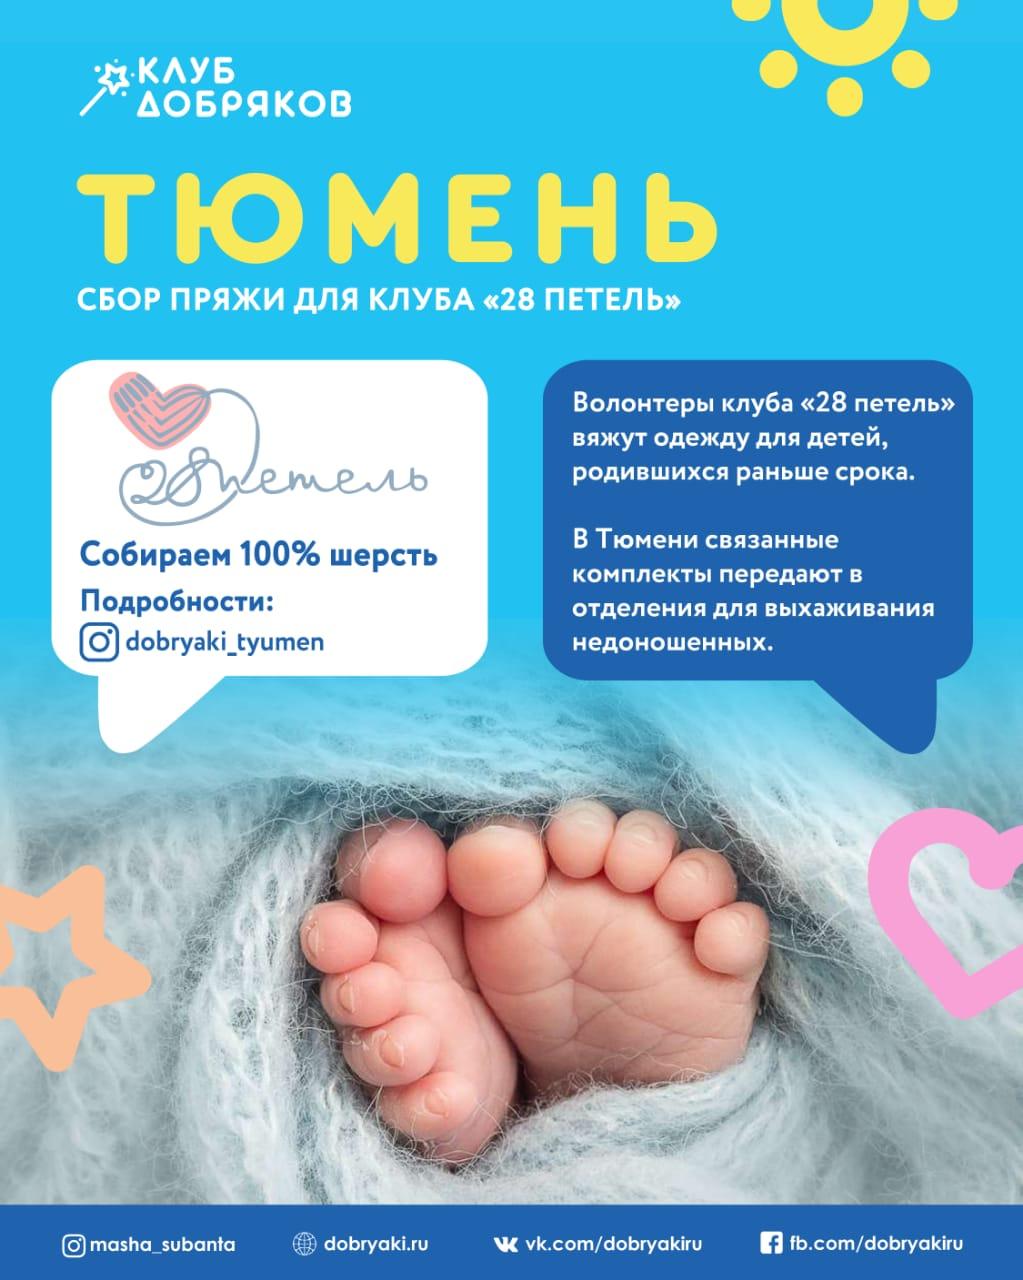 Добряки Тюмени собирают пряжу для недоношенных детей